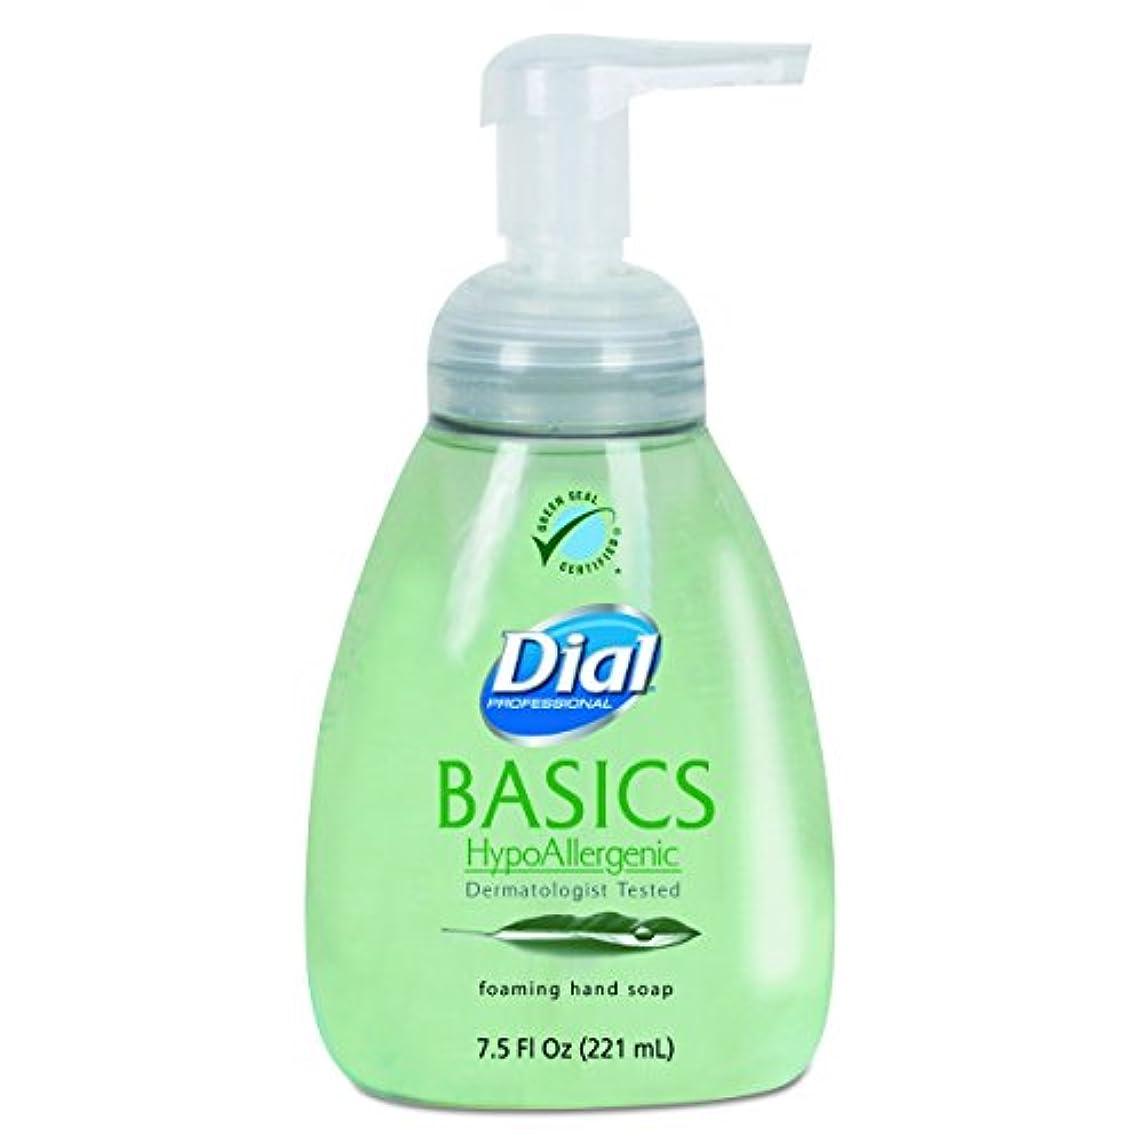 学部長上に暴力的なダイヤルProfessional 6042 Basics Foaming Hand Soap、7.5 Oz、Honeysuckle